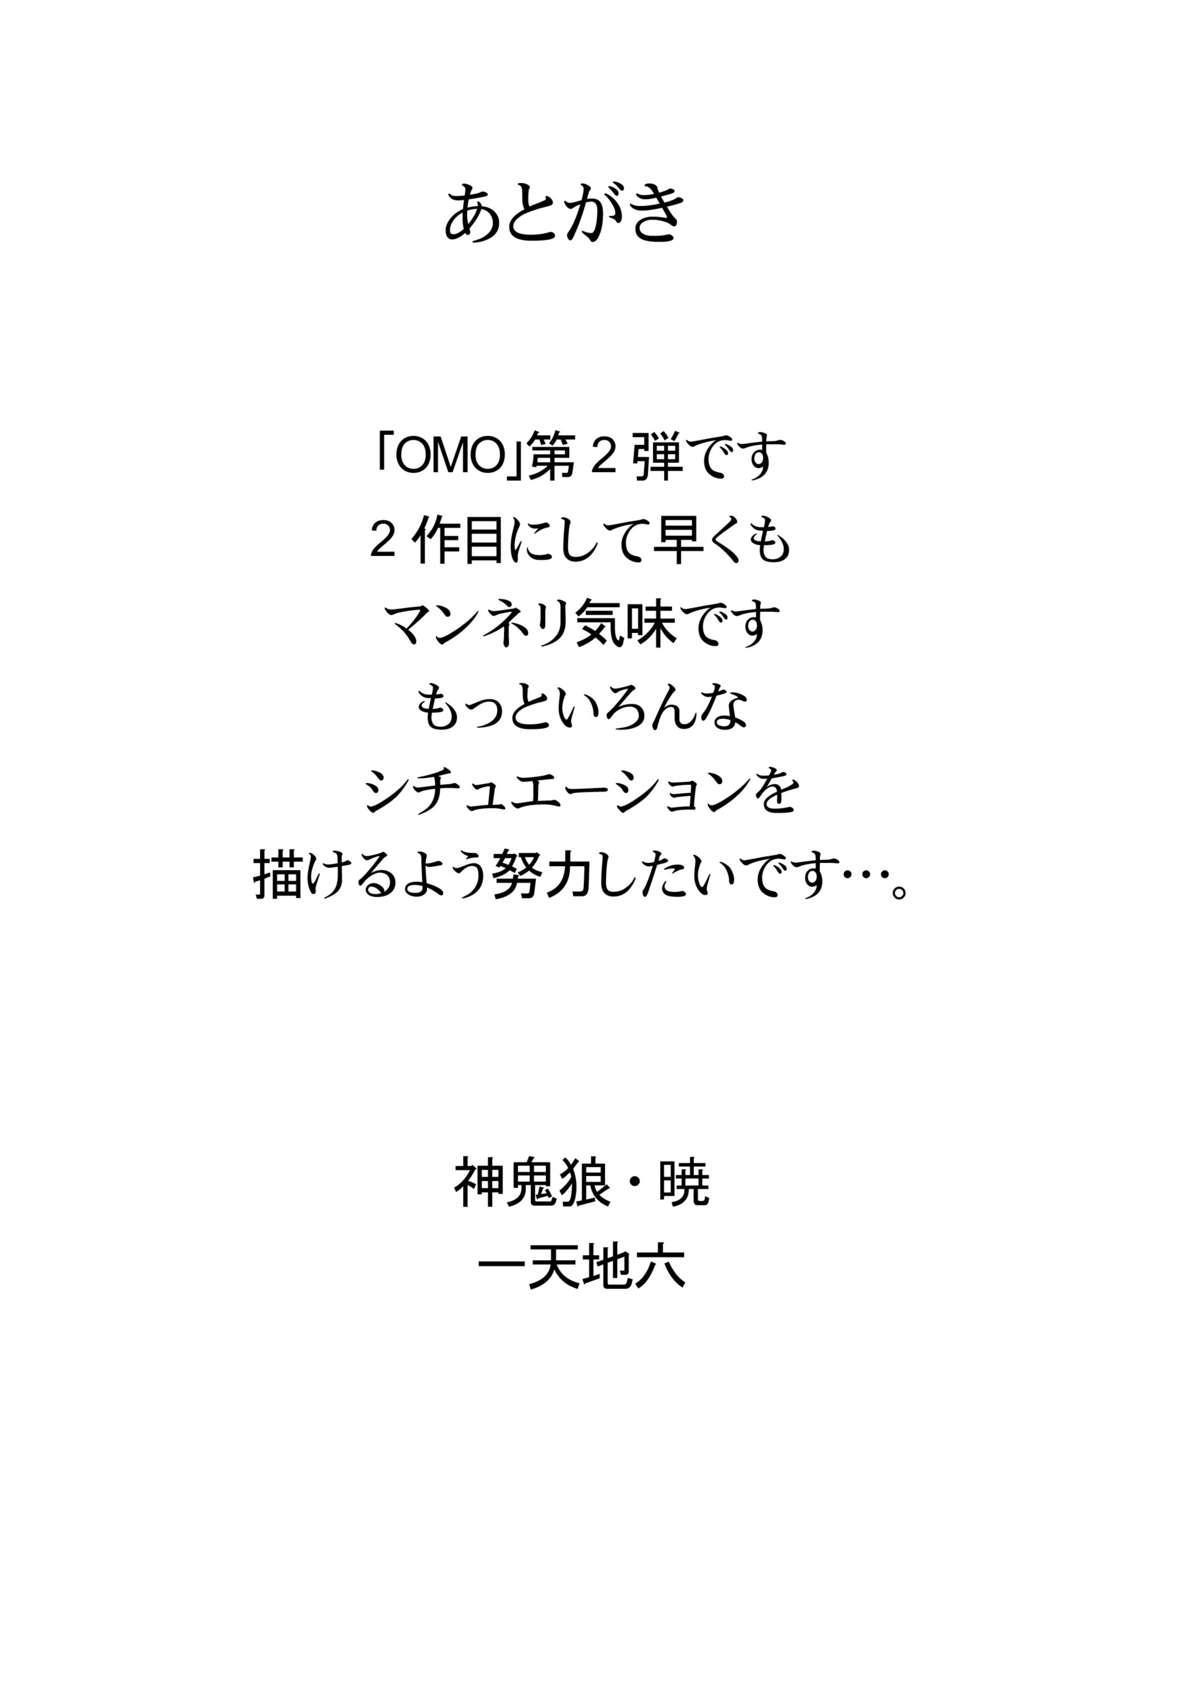 OMO 02 26